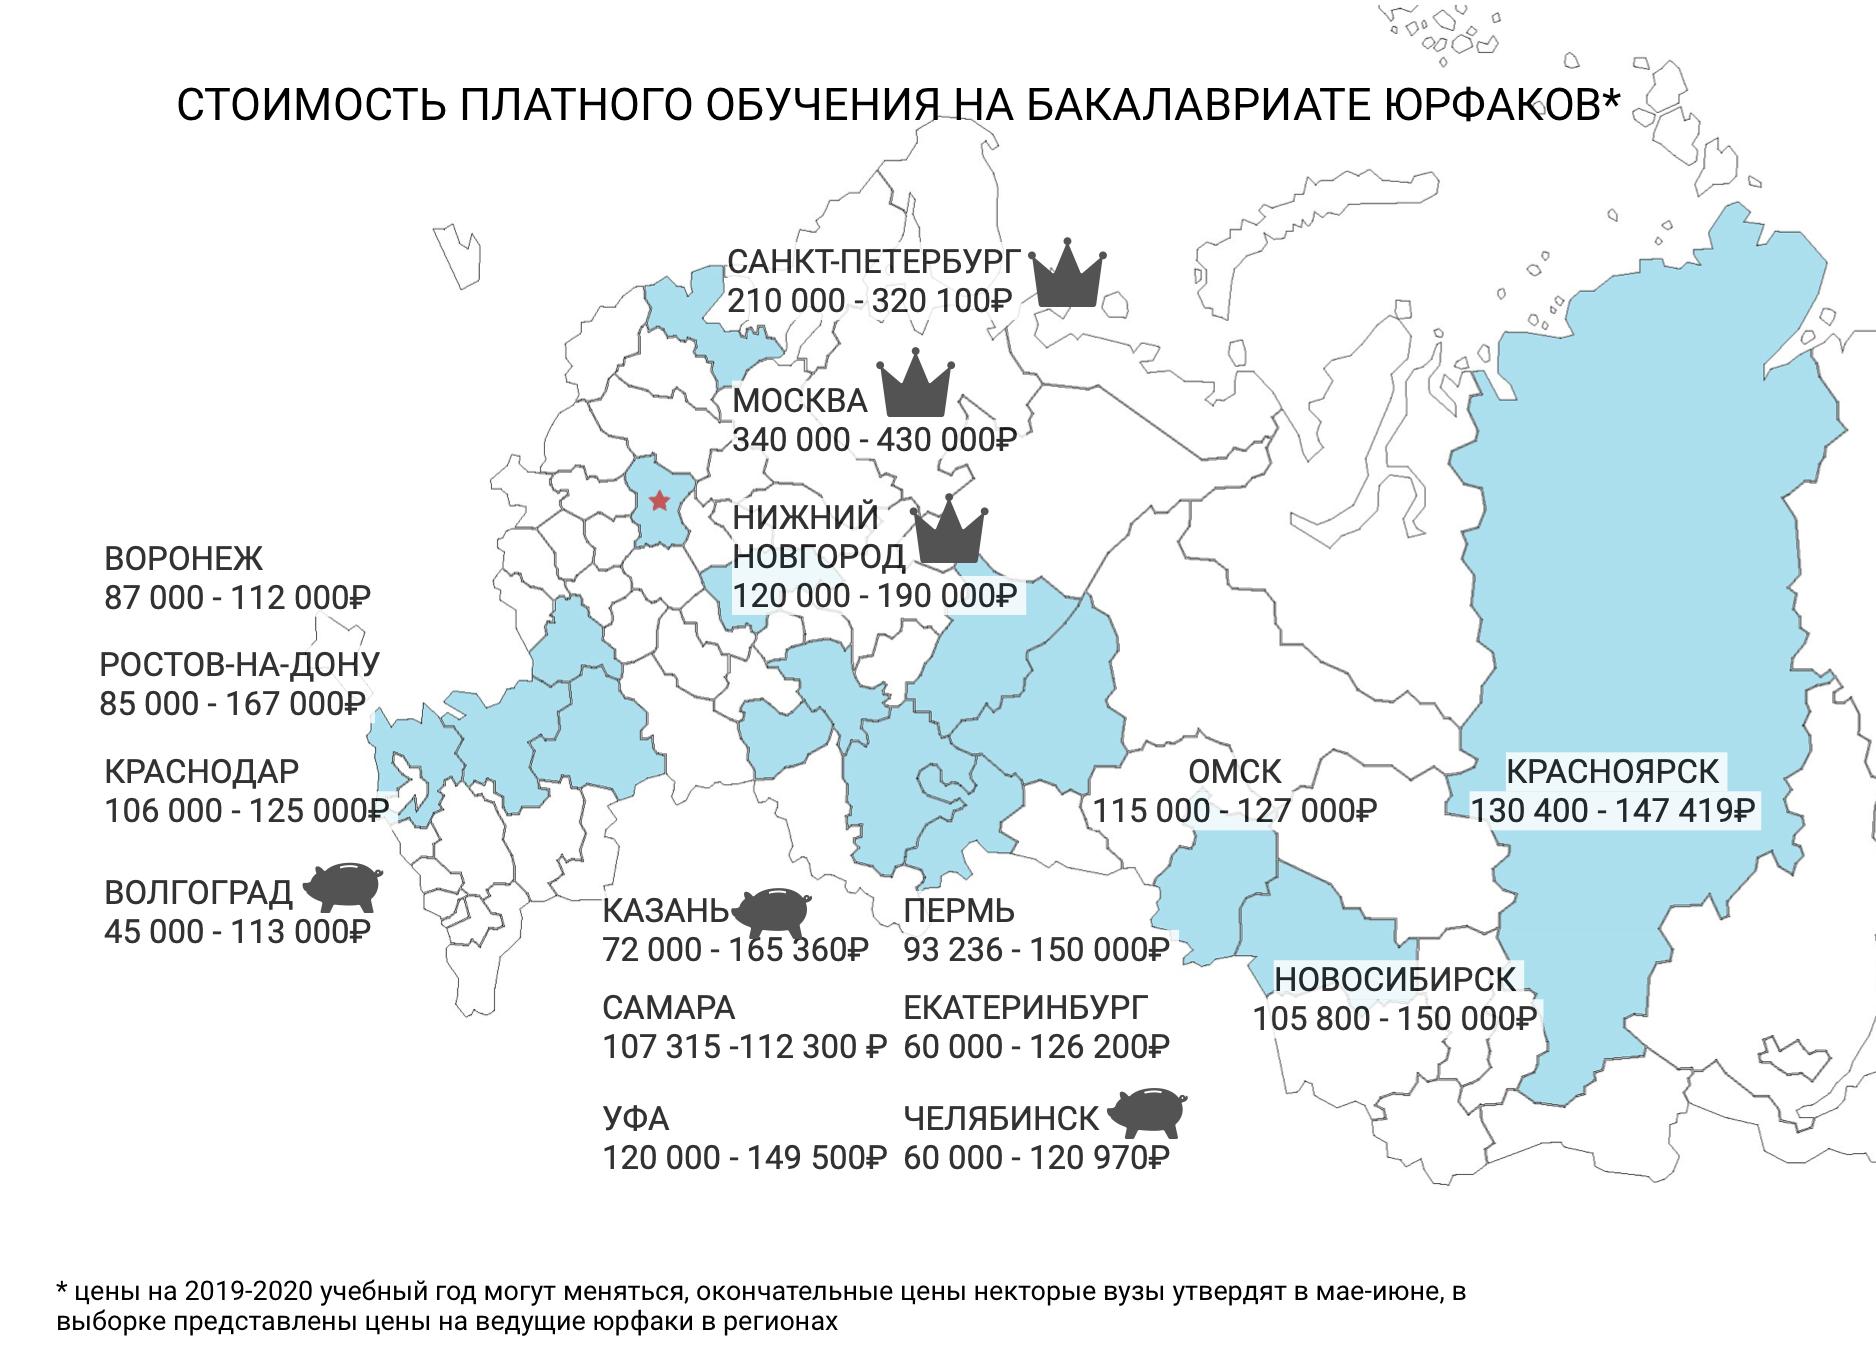 красноярск крупнейшие юридические фирмы мира